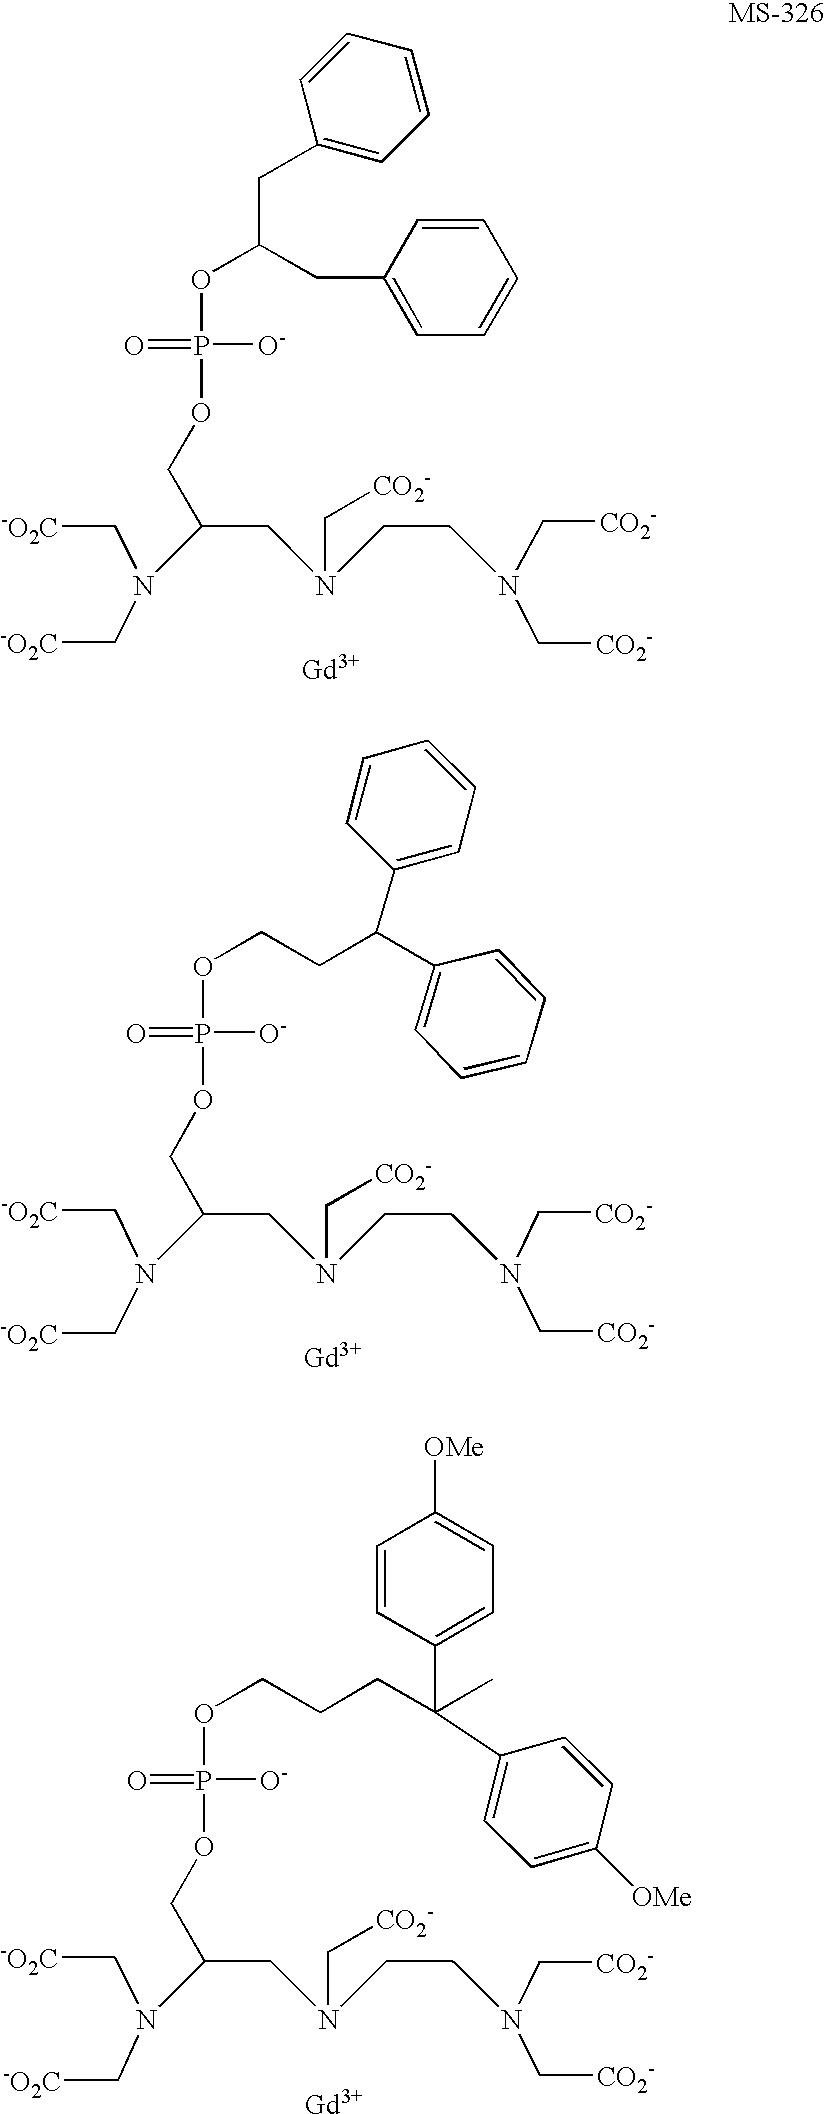 Figure US20030180223A1-20030925-C00023